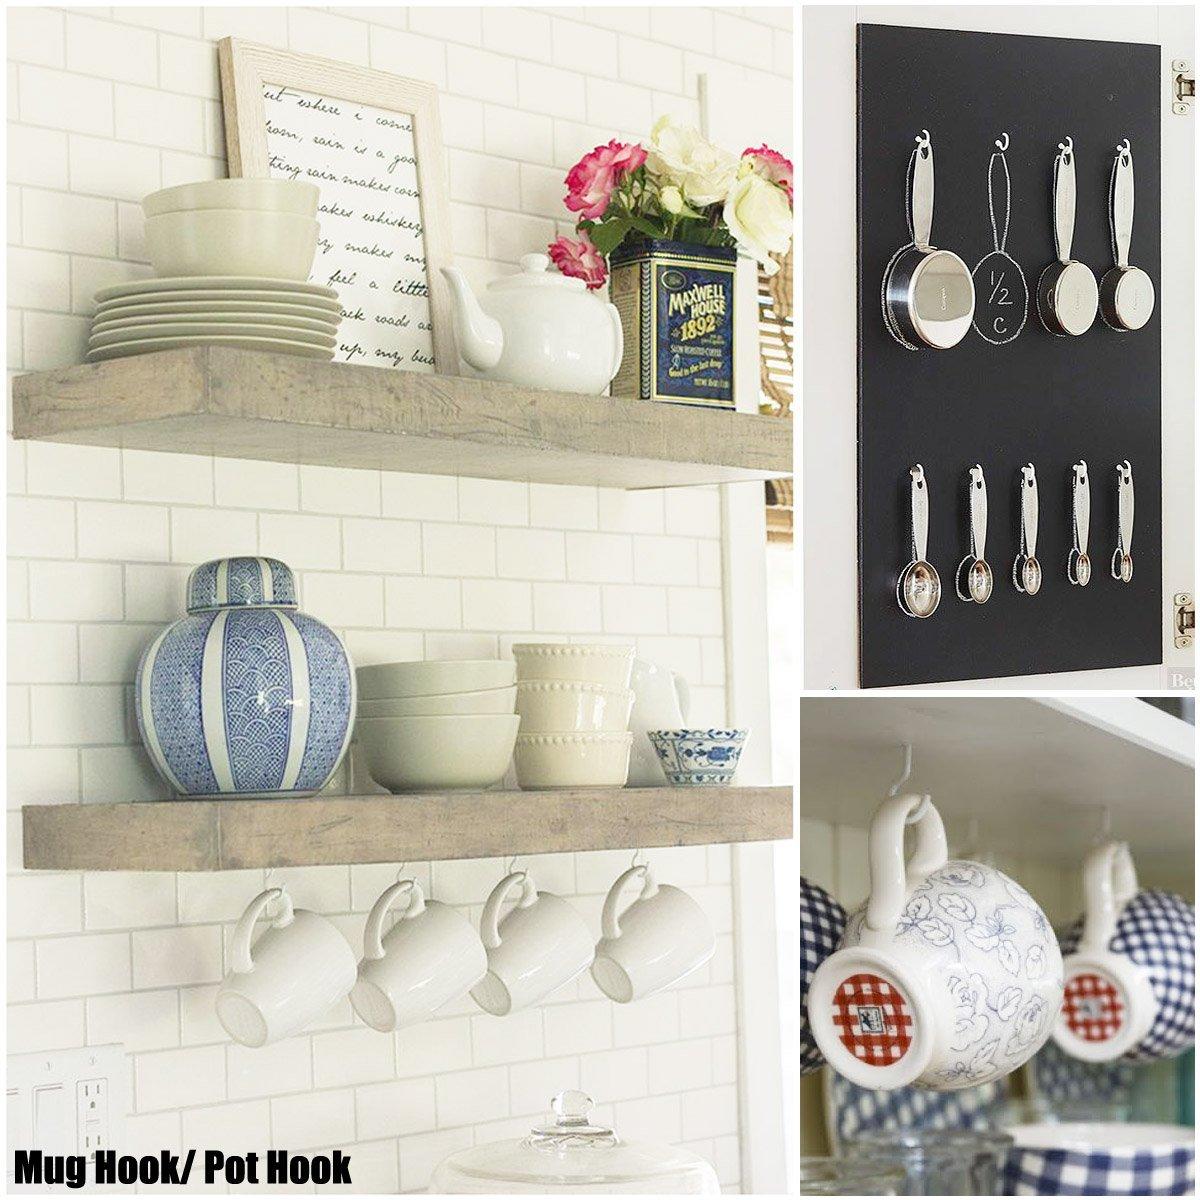 color blanco 20 unidades Ganchos de techo para tazas ganchos de pared atornillables para ropa cocina 2.9 pulgadas uso interior y exterior con revestimiento de vinilo